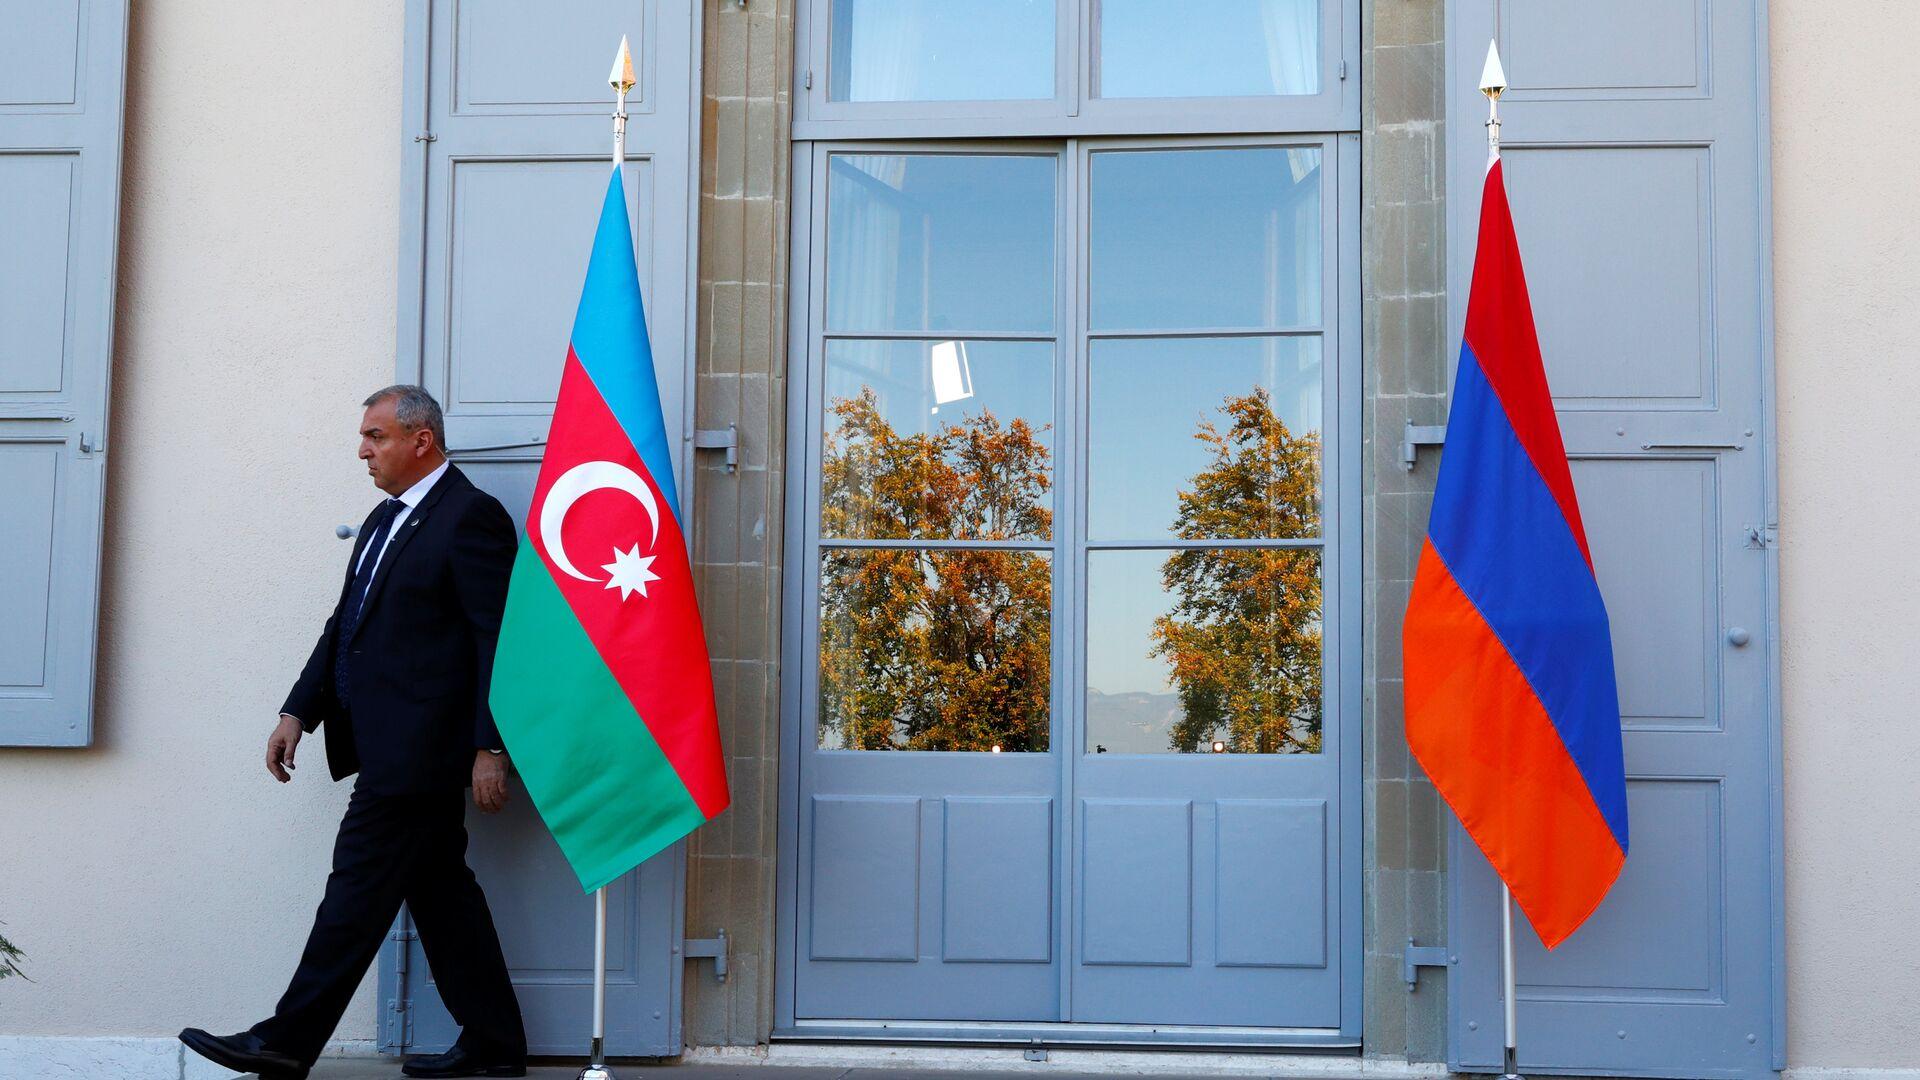 Охранник проходит мимо азербайджанского (слева) и армянского флага, фото из архива - Sputnik Азербайджан, 1920, 01.10.2021